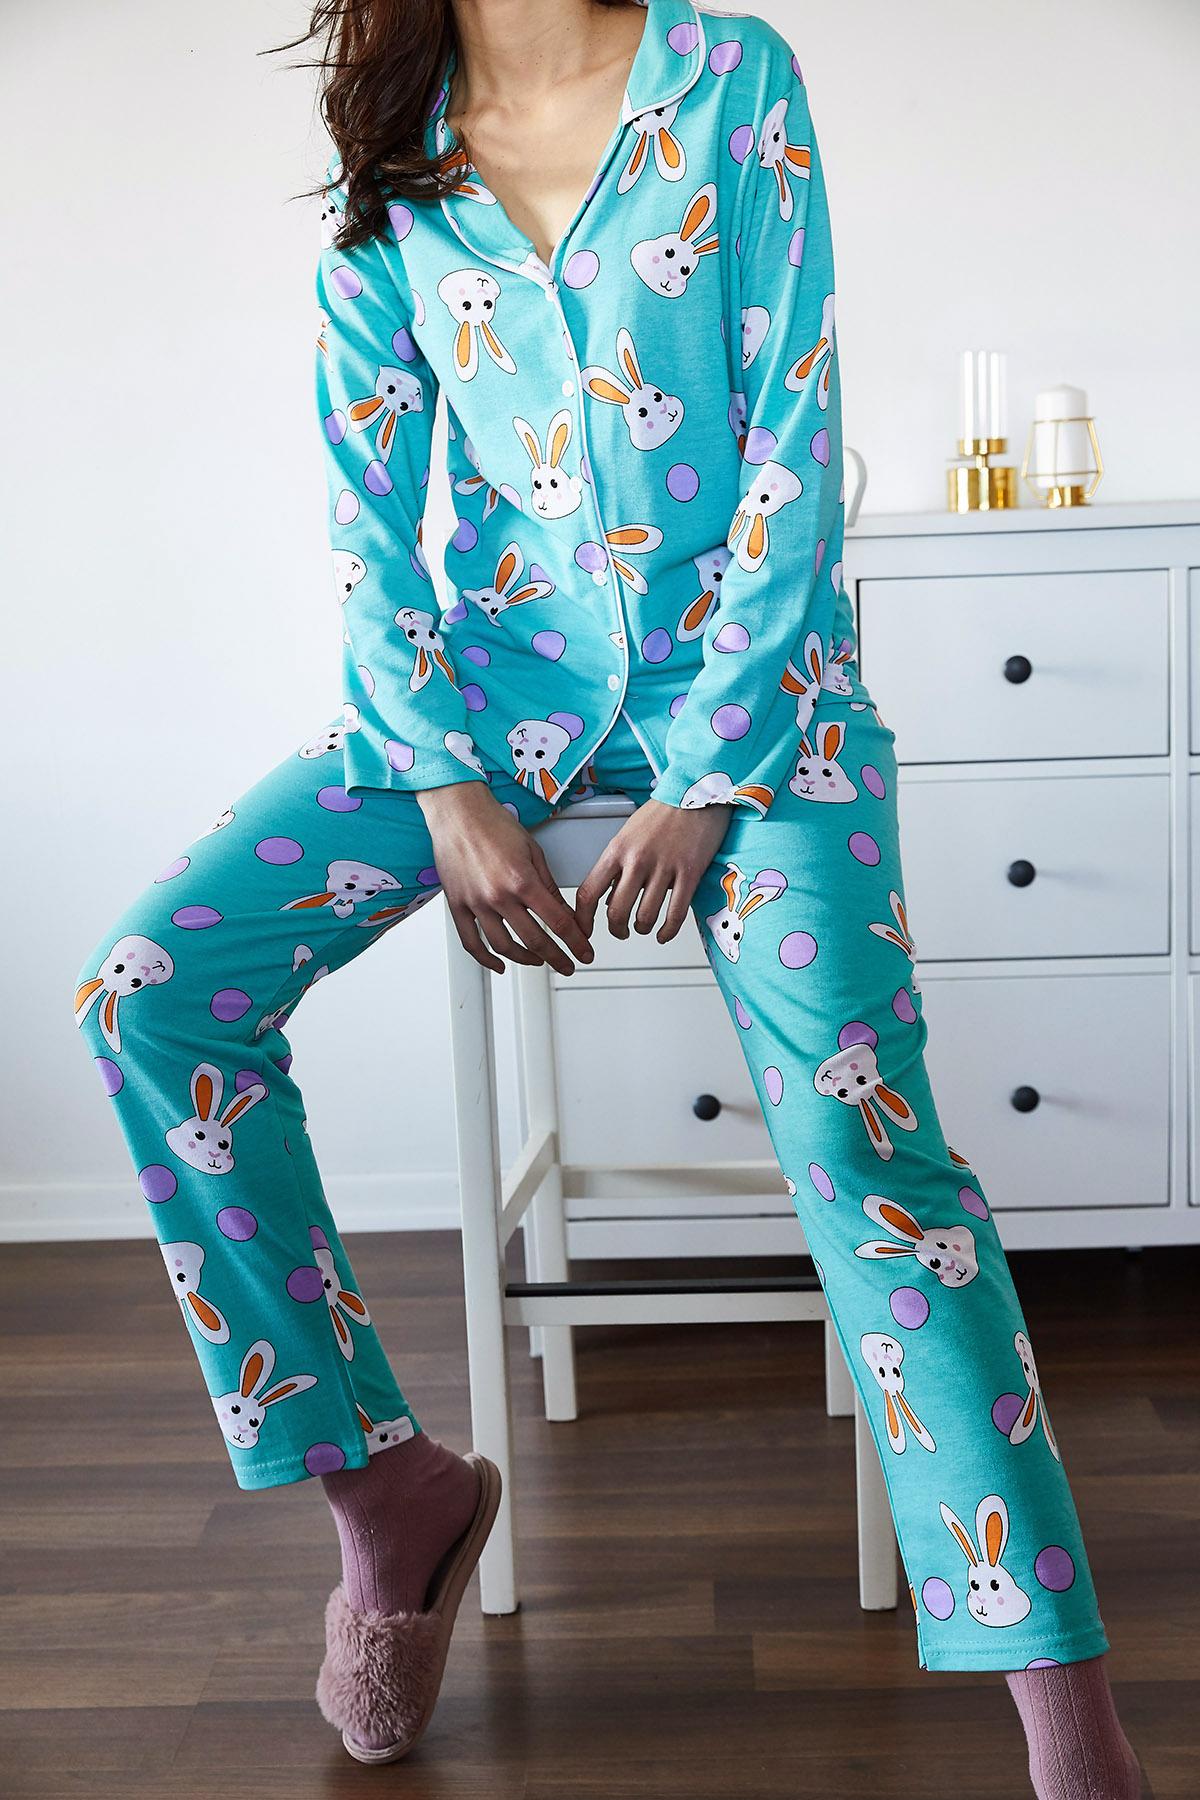 XHAN - Buz Mavisi Tavşan Desenli Pijama Takımı 1KXK8-44721-43